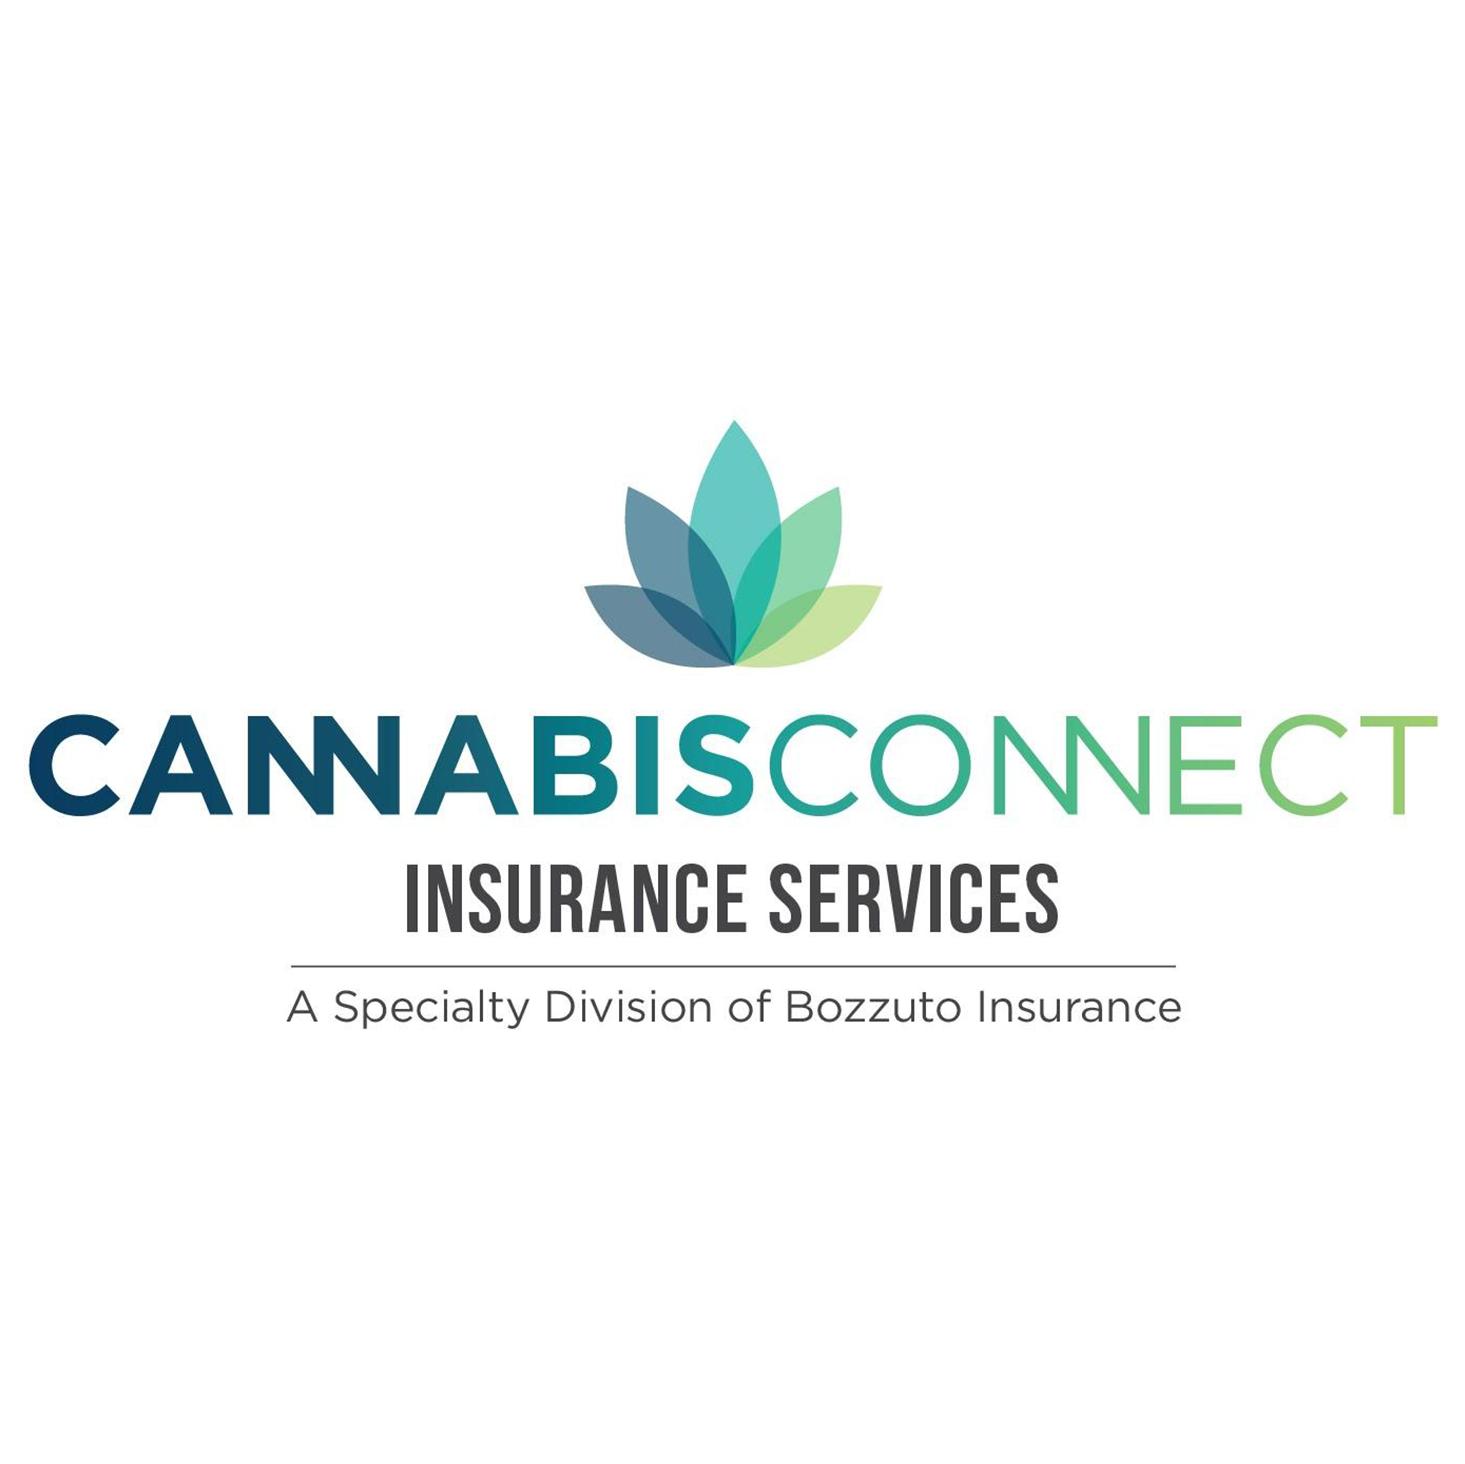 Cannabis Connect Insurance |Cannabis Crop, General Liability Insurance in California